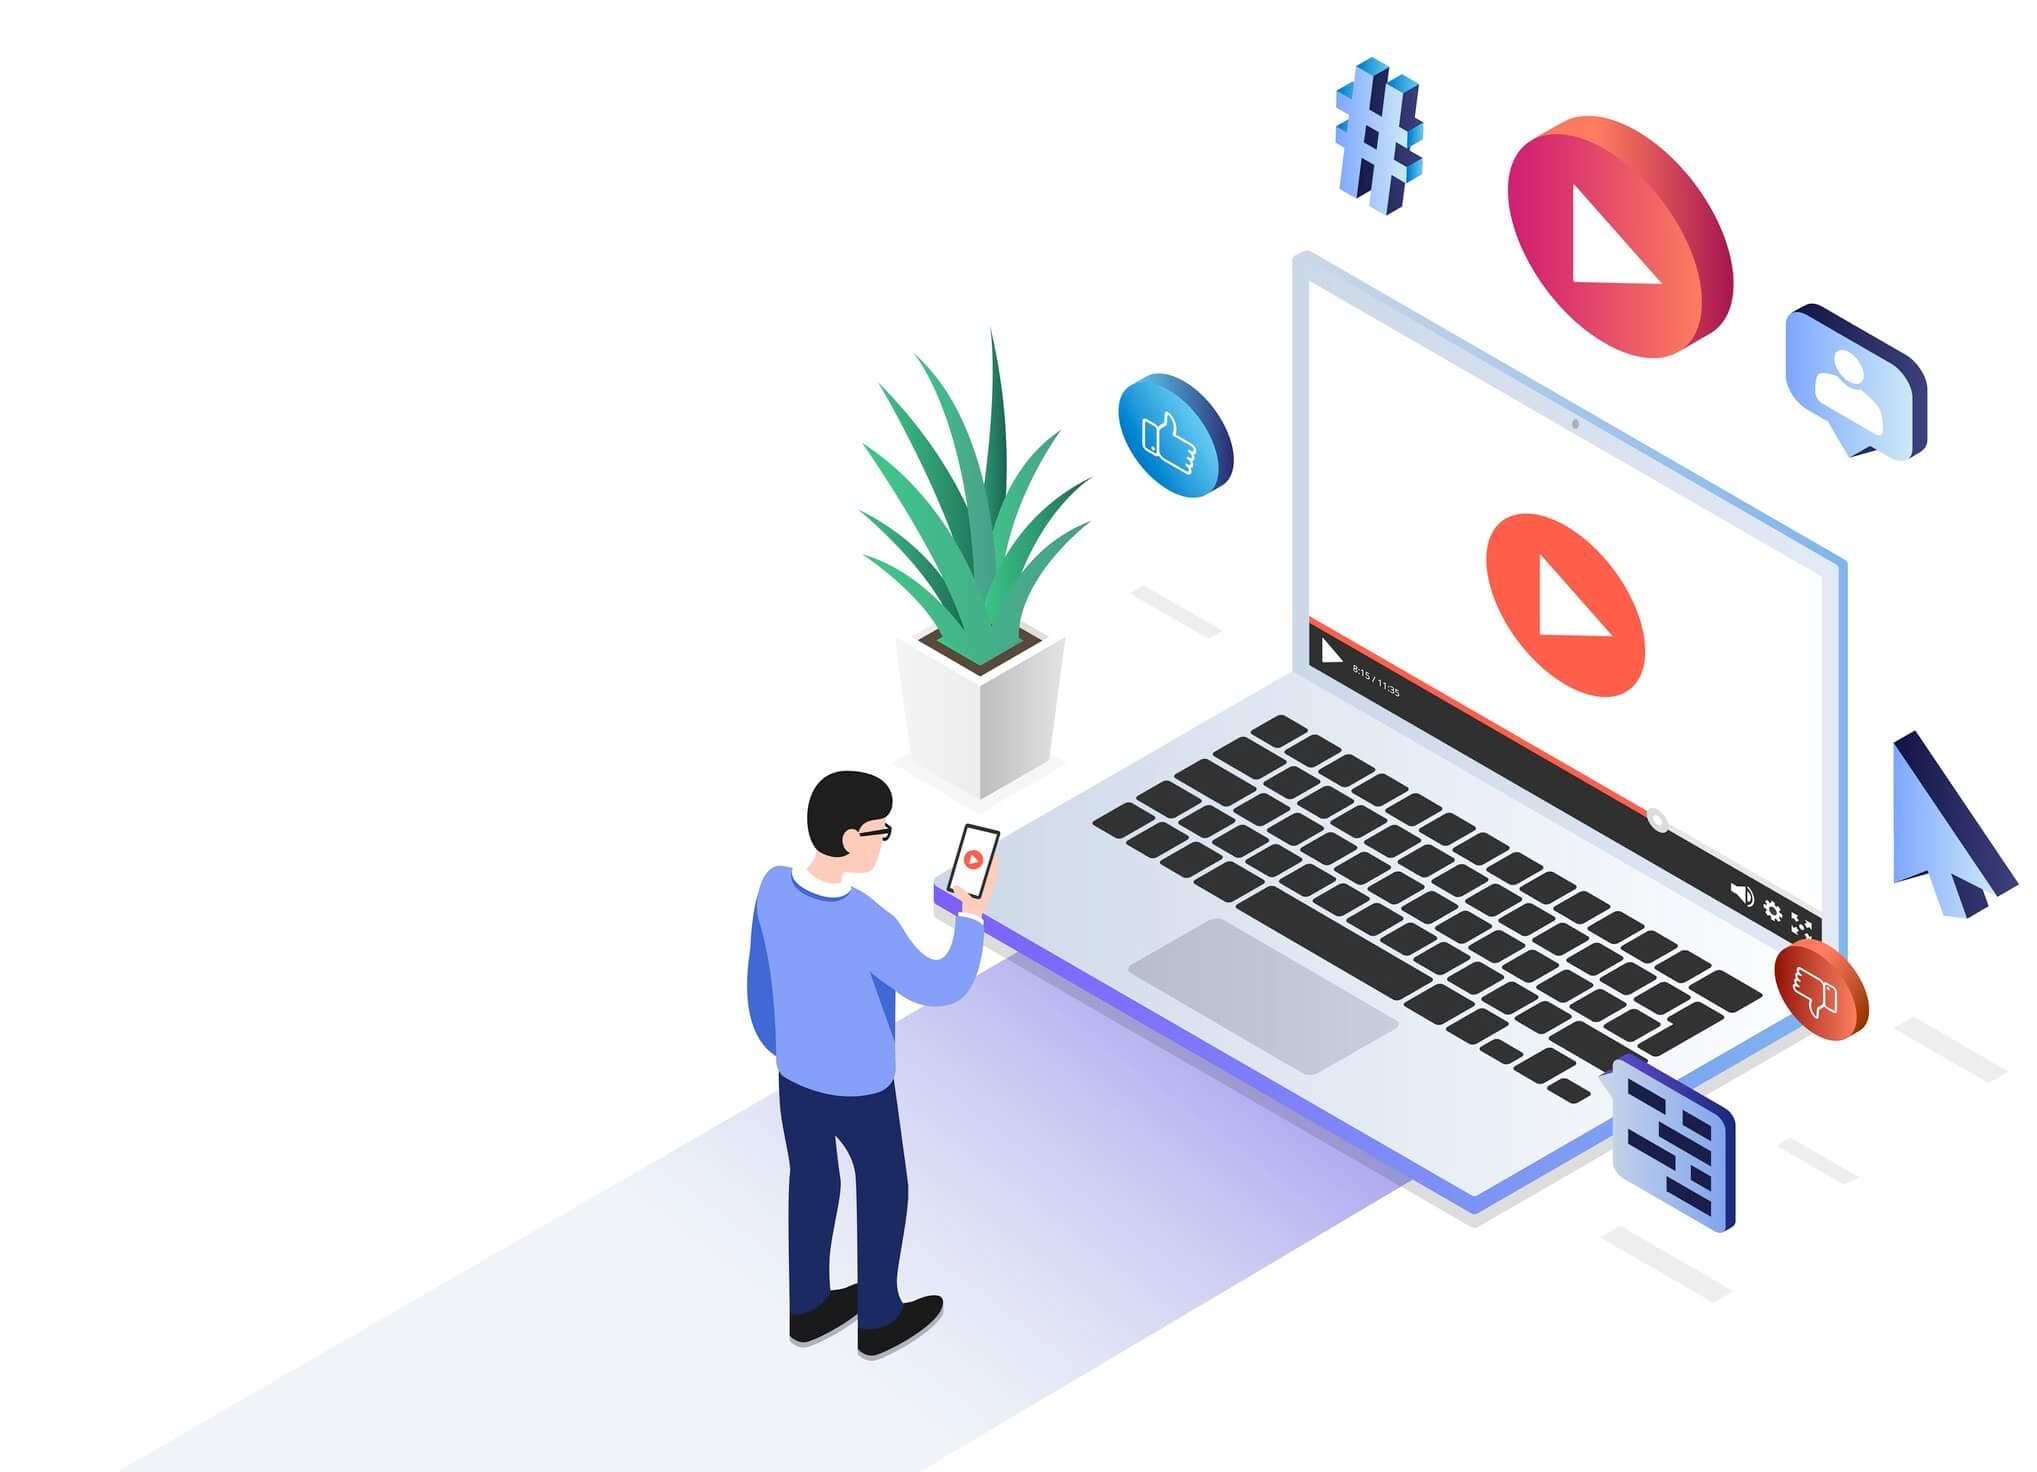 採用ブランディング_採用セミナー_動画コンテンツ